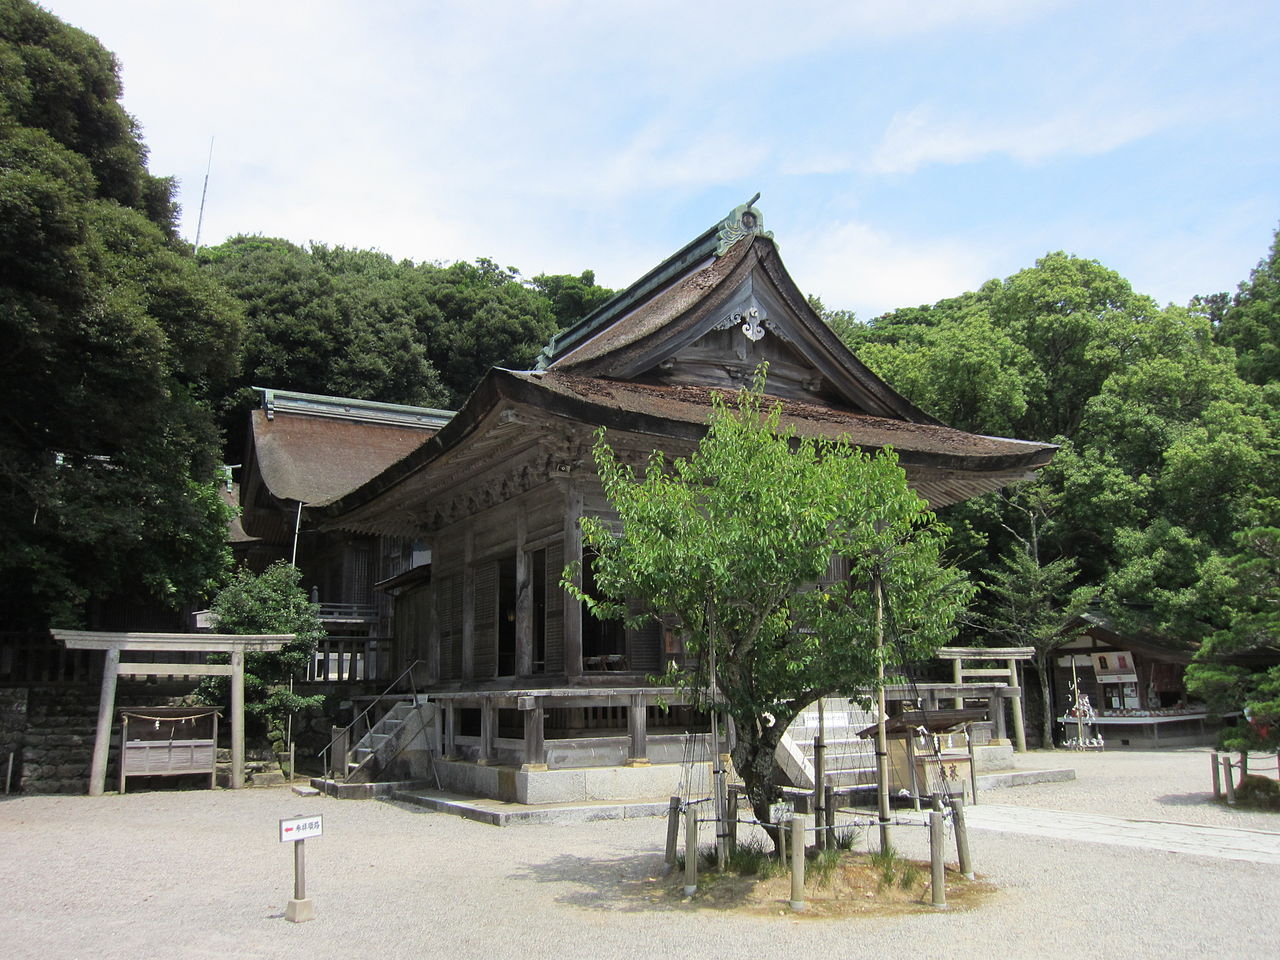 [御祭神がオオクニヌシ]初詣で人気の神社のキャプチャー